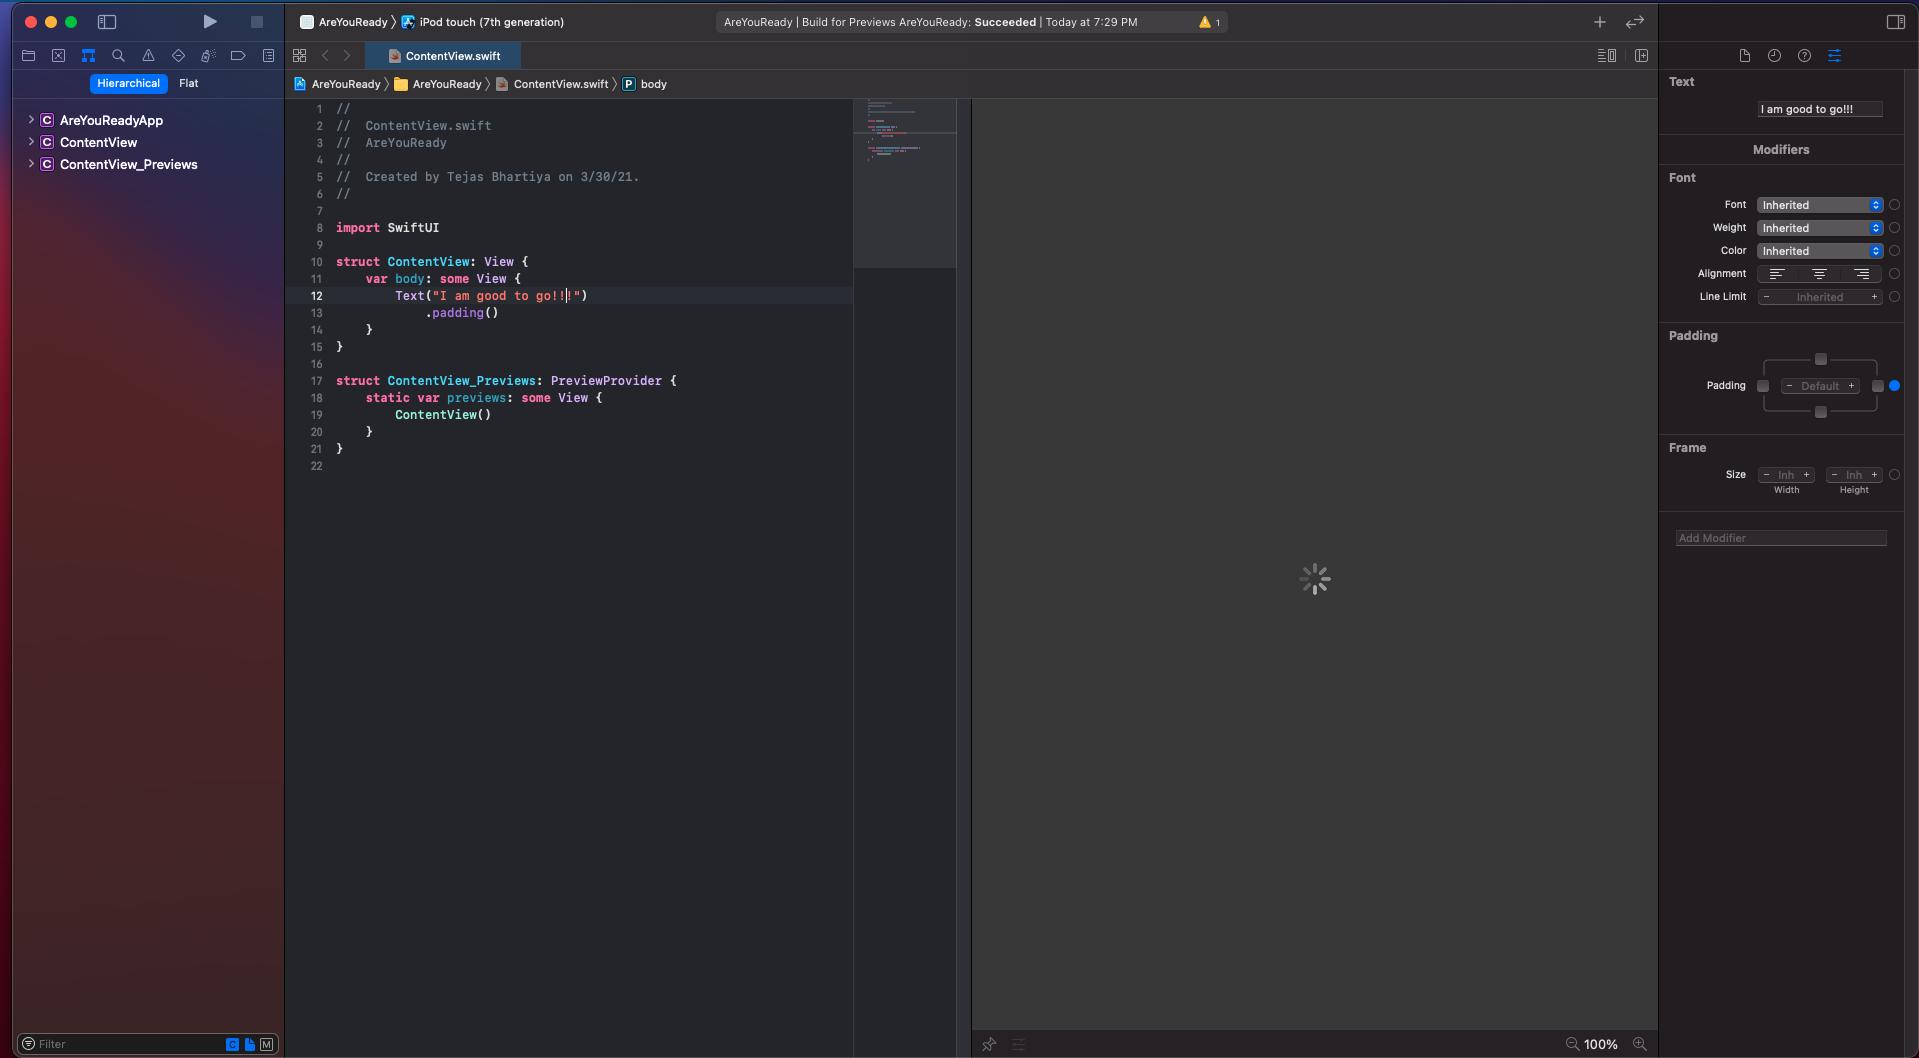 https://cloud-pkrz4504t-hack-club-bot.vercel.app/0screen_shot_2021-03-30_at_7.50.36_pm.png